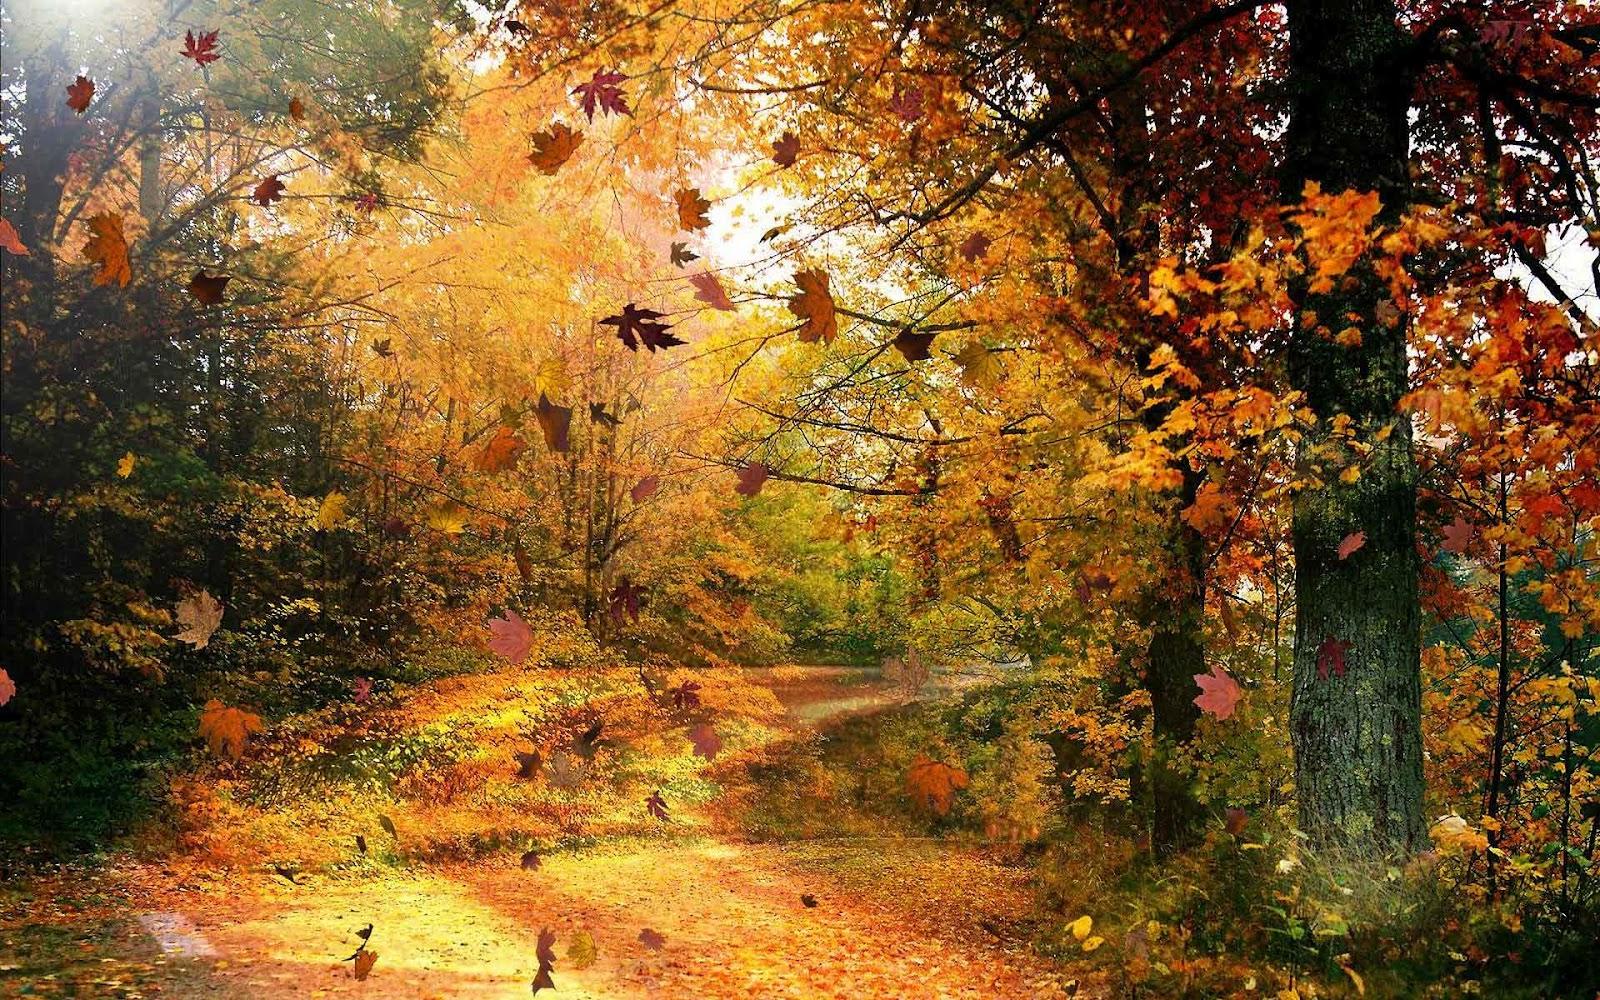 http://1.bp.blogspot.com/-eN8QKBUPndQ/UEuMTYA8W8I/AAAAAAAAG-o/p22iiA1IiZI/s1600/hd-prachtige-herfst-achtergrond-met-bomen-en-een-weg-bezaaid-met-herfstbladeren-wallpaper-foto.jpg